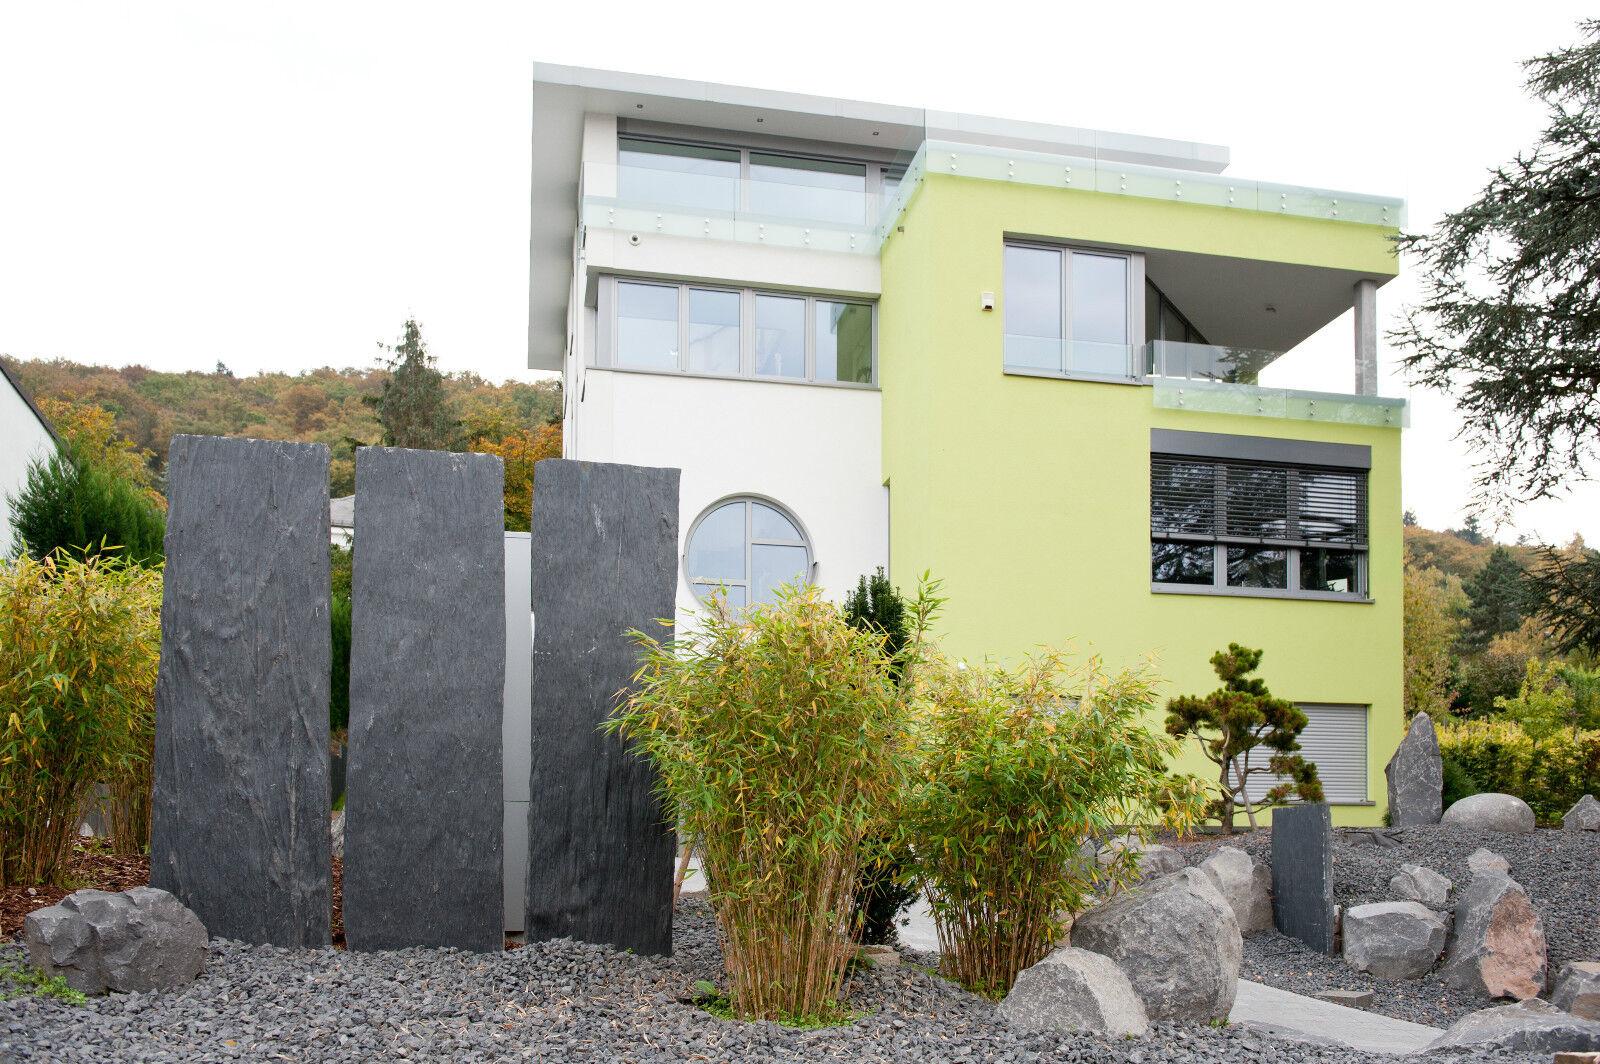 Sichtschutz Garten Palisaden luxury – thaduder